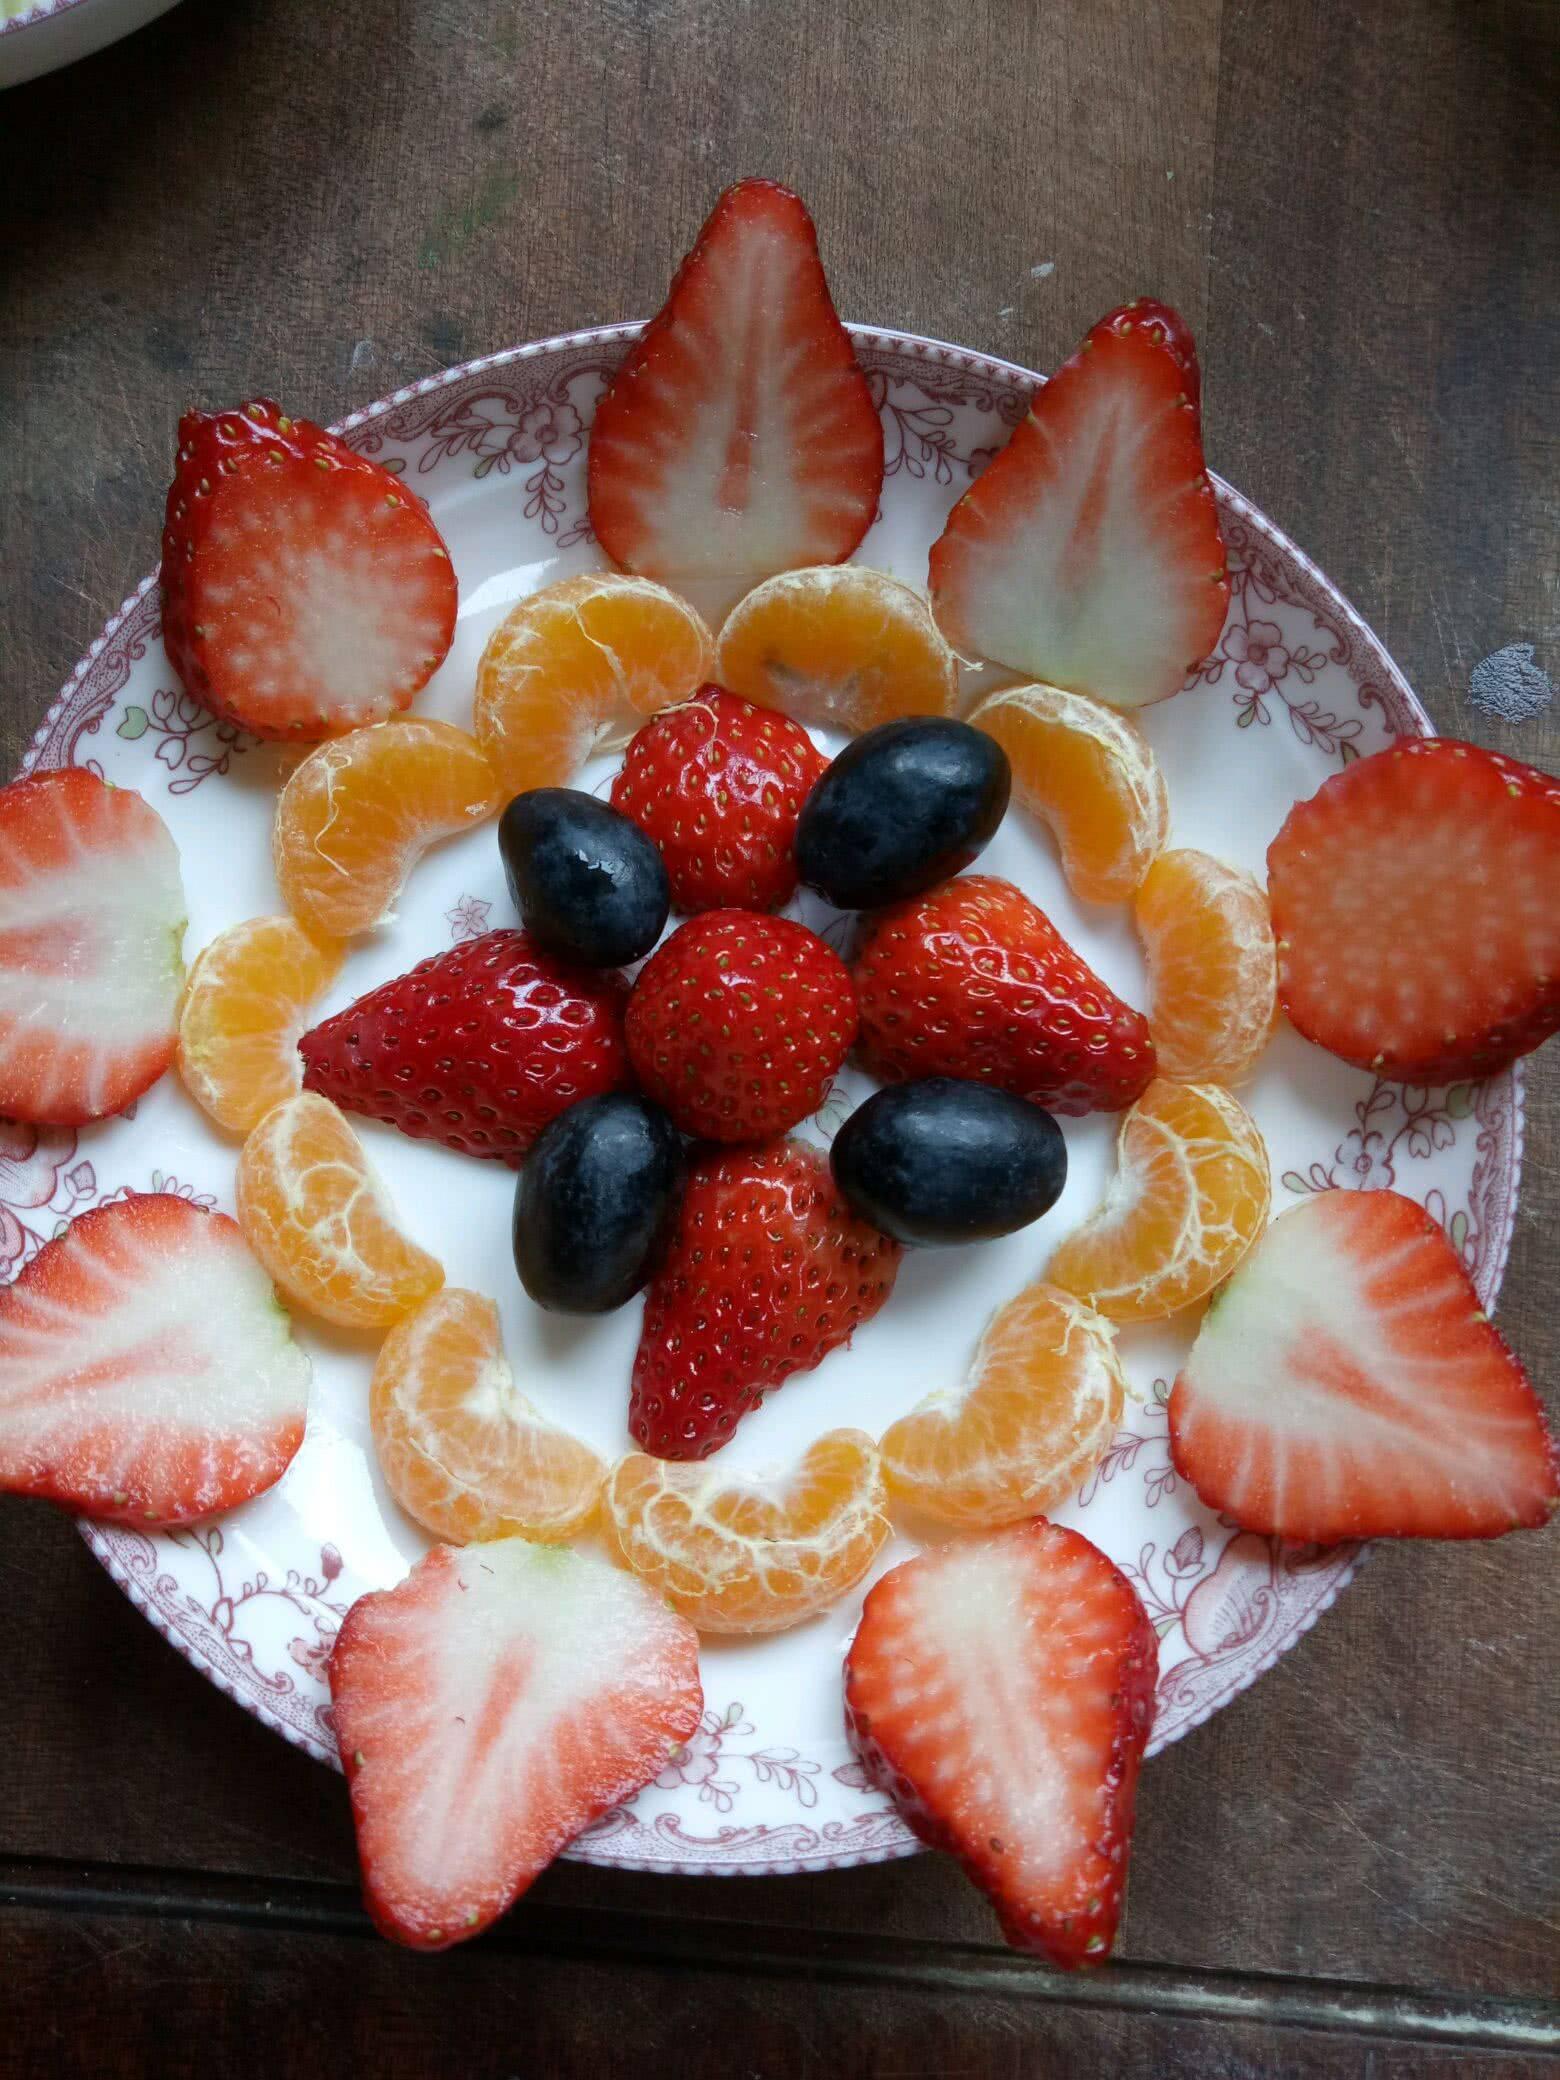 心理测试:四个水果拼盘,你会选哪个?测在你困难的时候谁会帮你